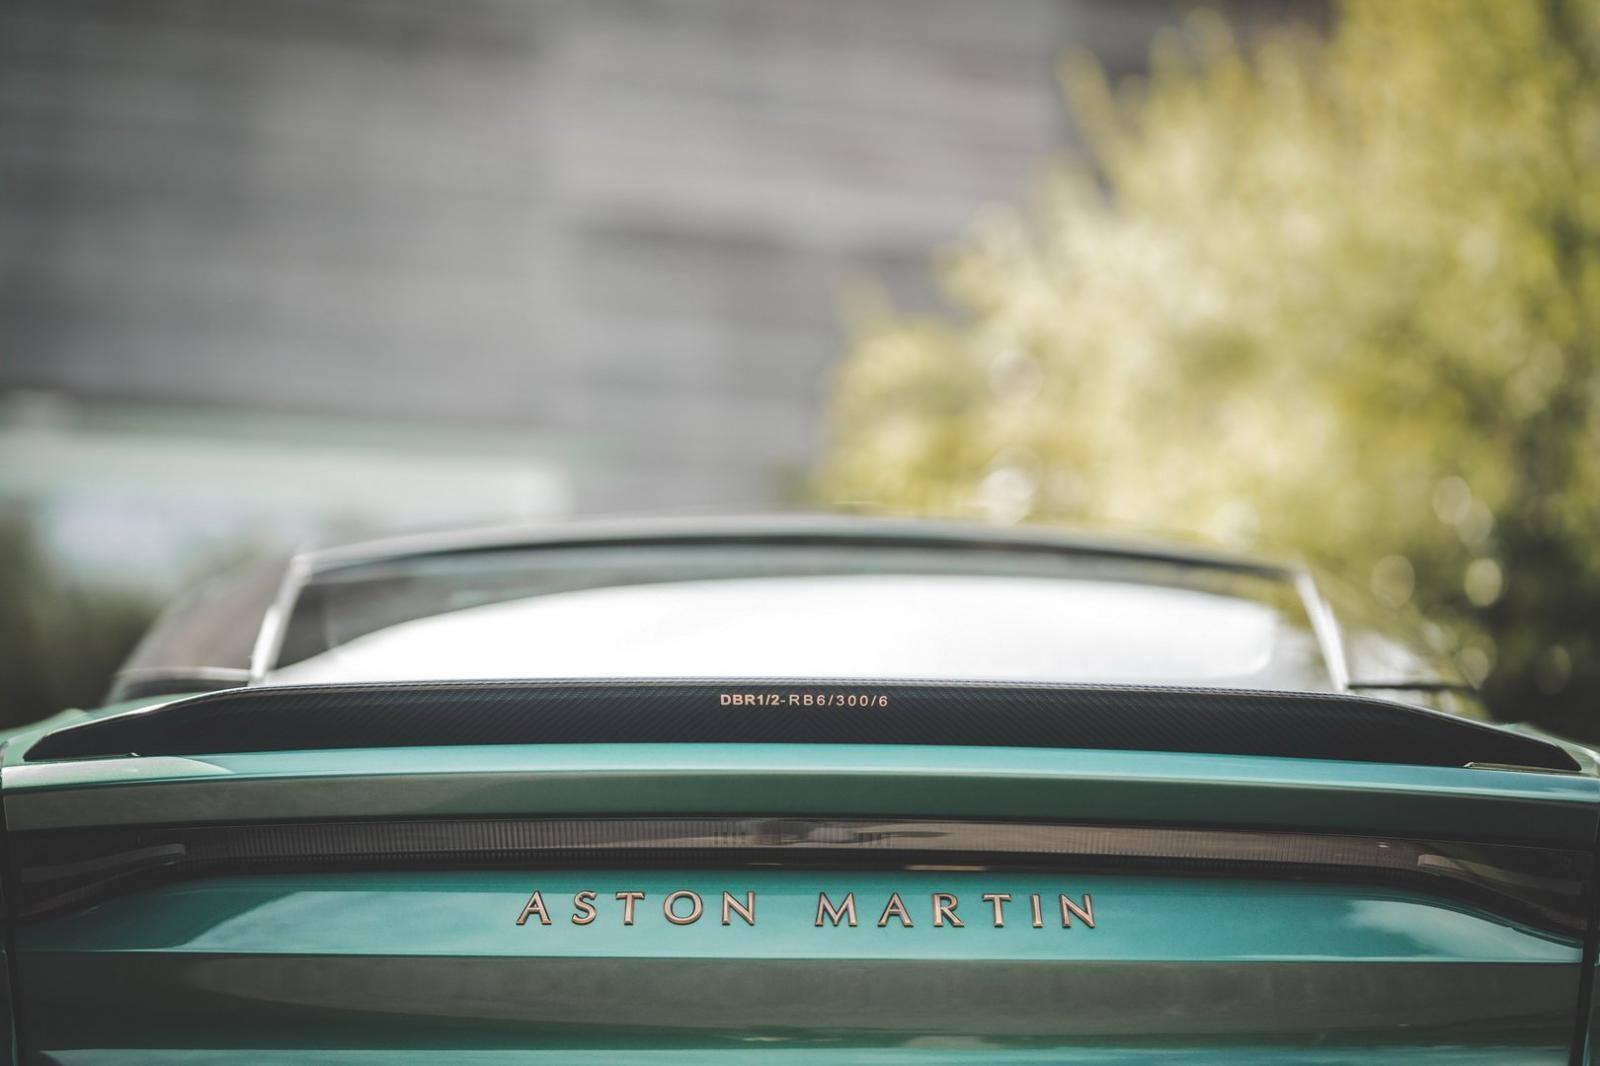 Phía dưới cánh gió đuôi có ký hiệu của xe đua huyền thoại DBR1 và cả dòng chữ Aston Martin hoàn thành màu đồng